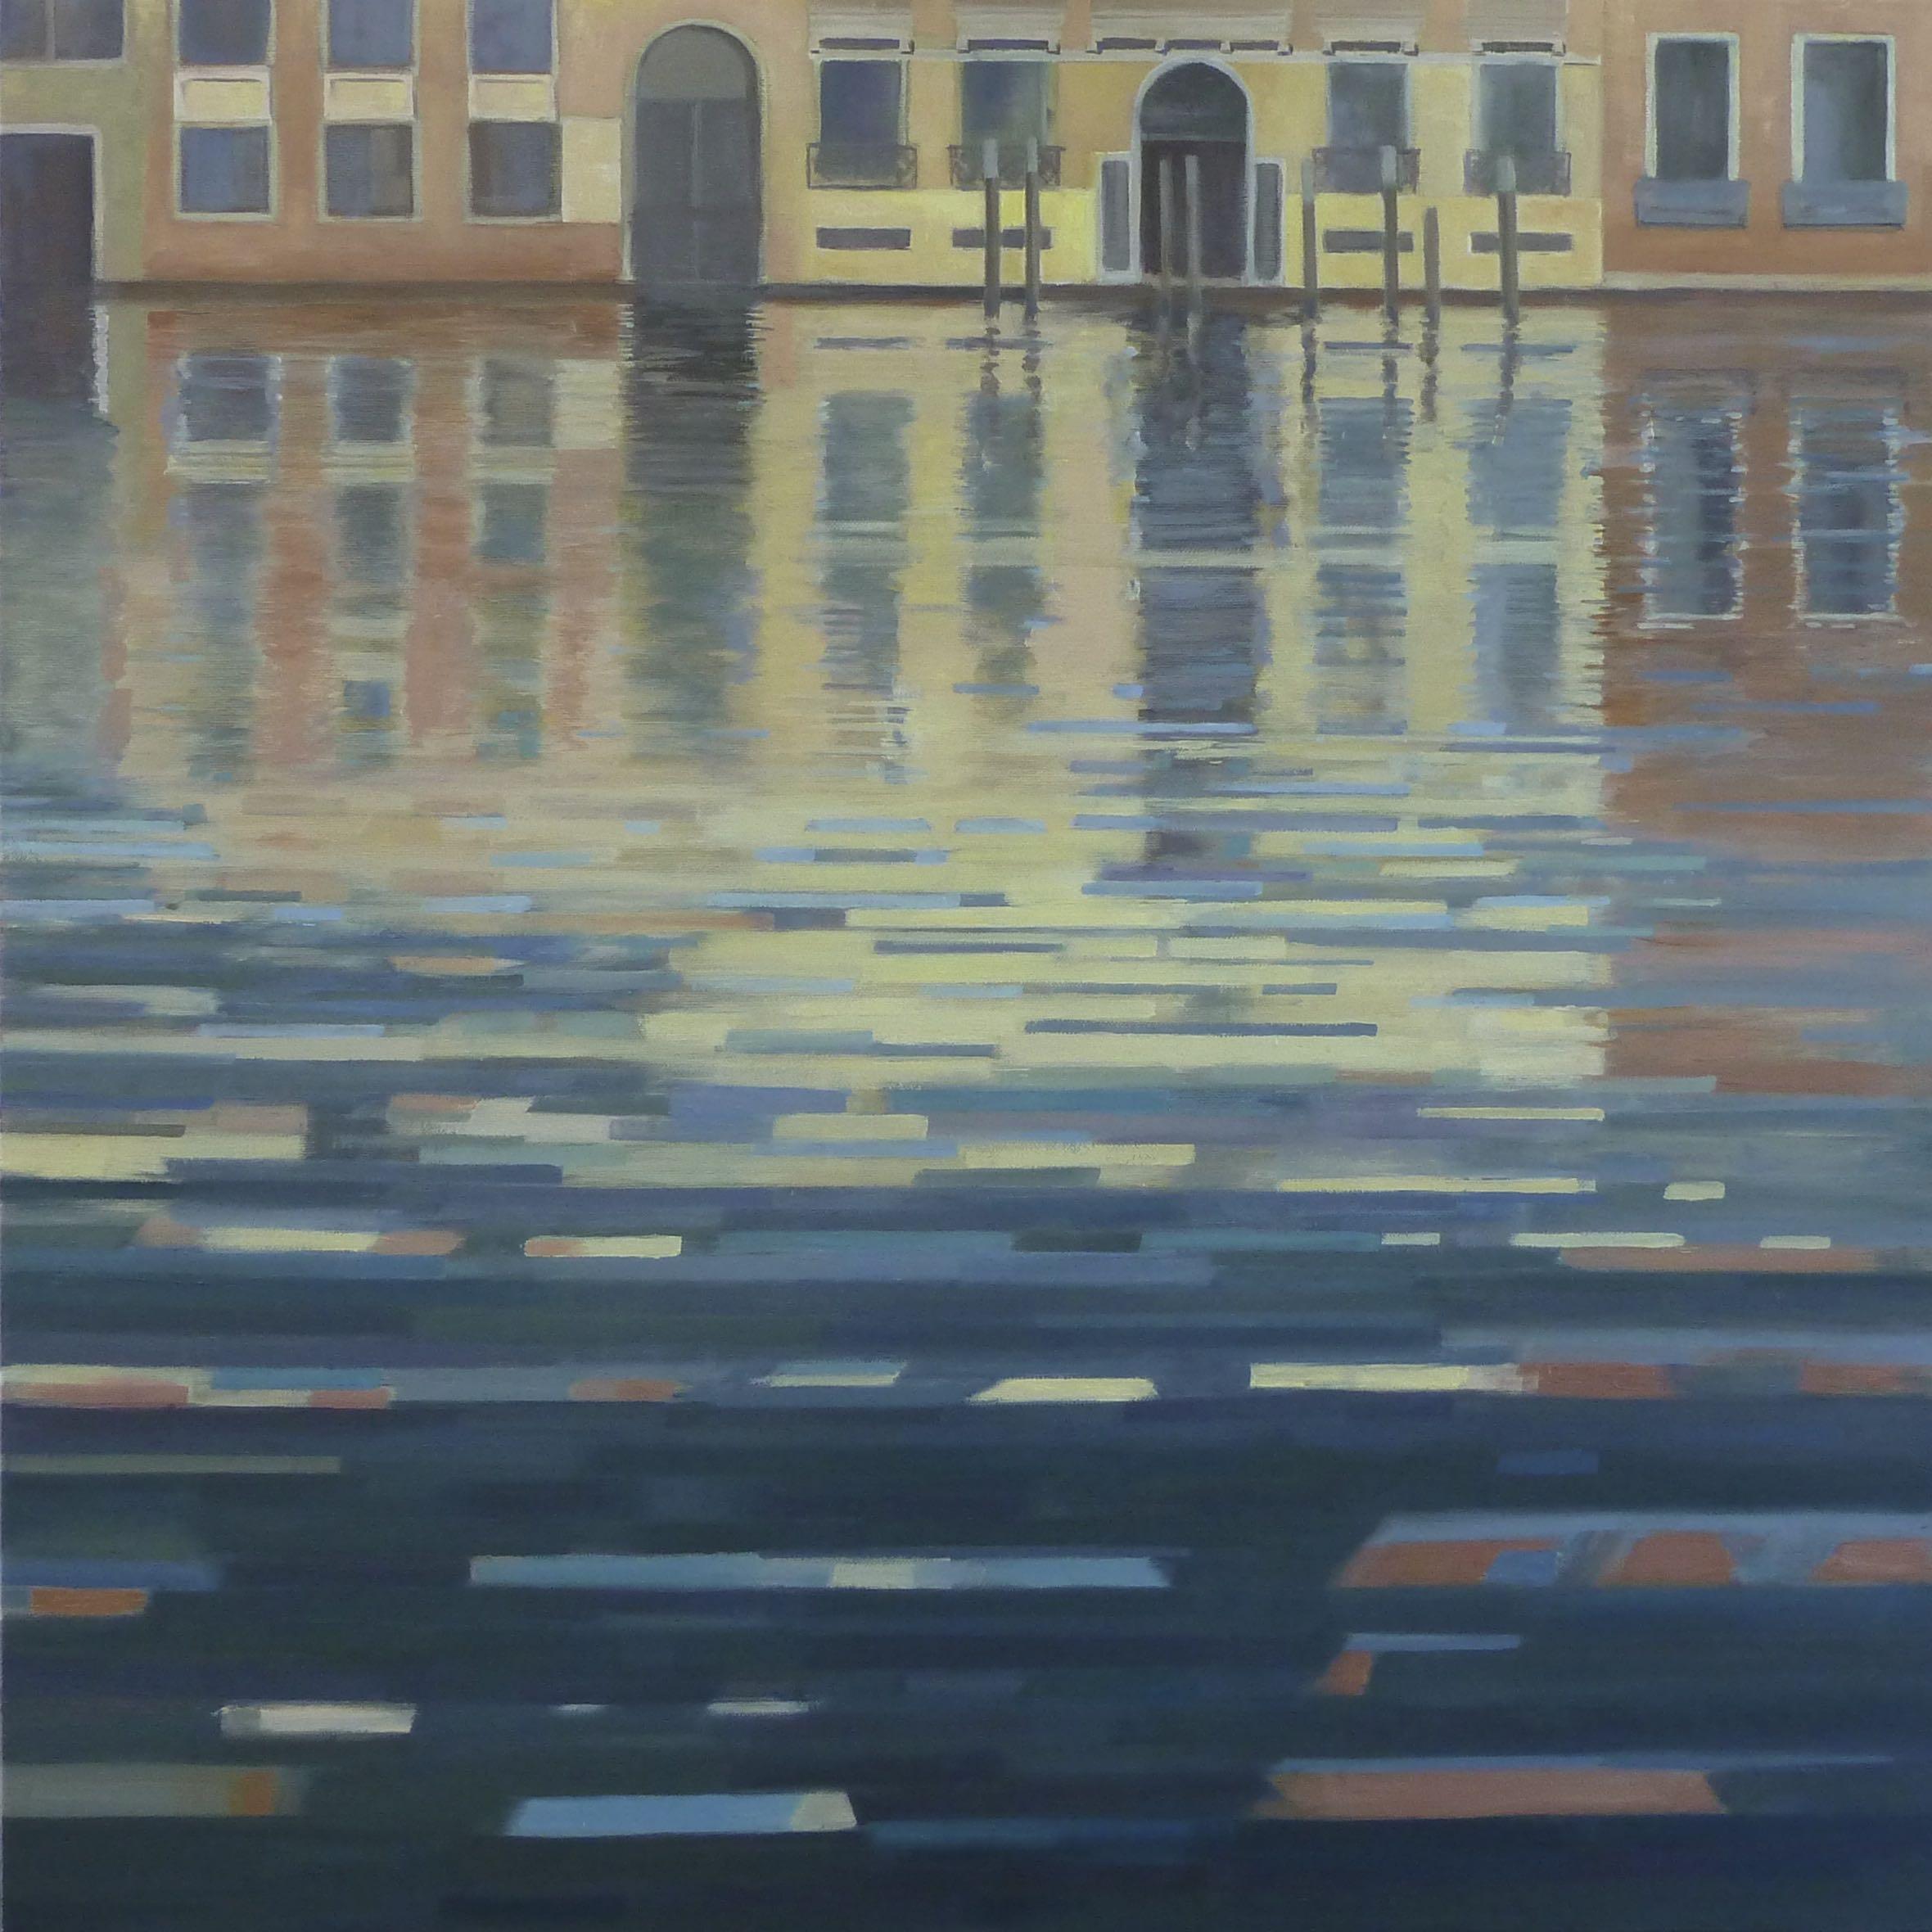 Venetië, Canal Grande 2, 70/70 cm, olieverf op doek